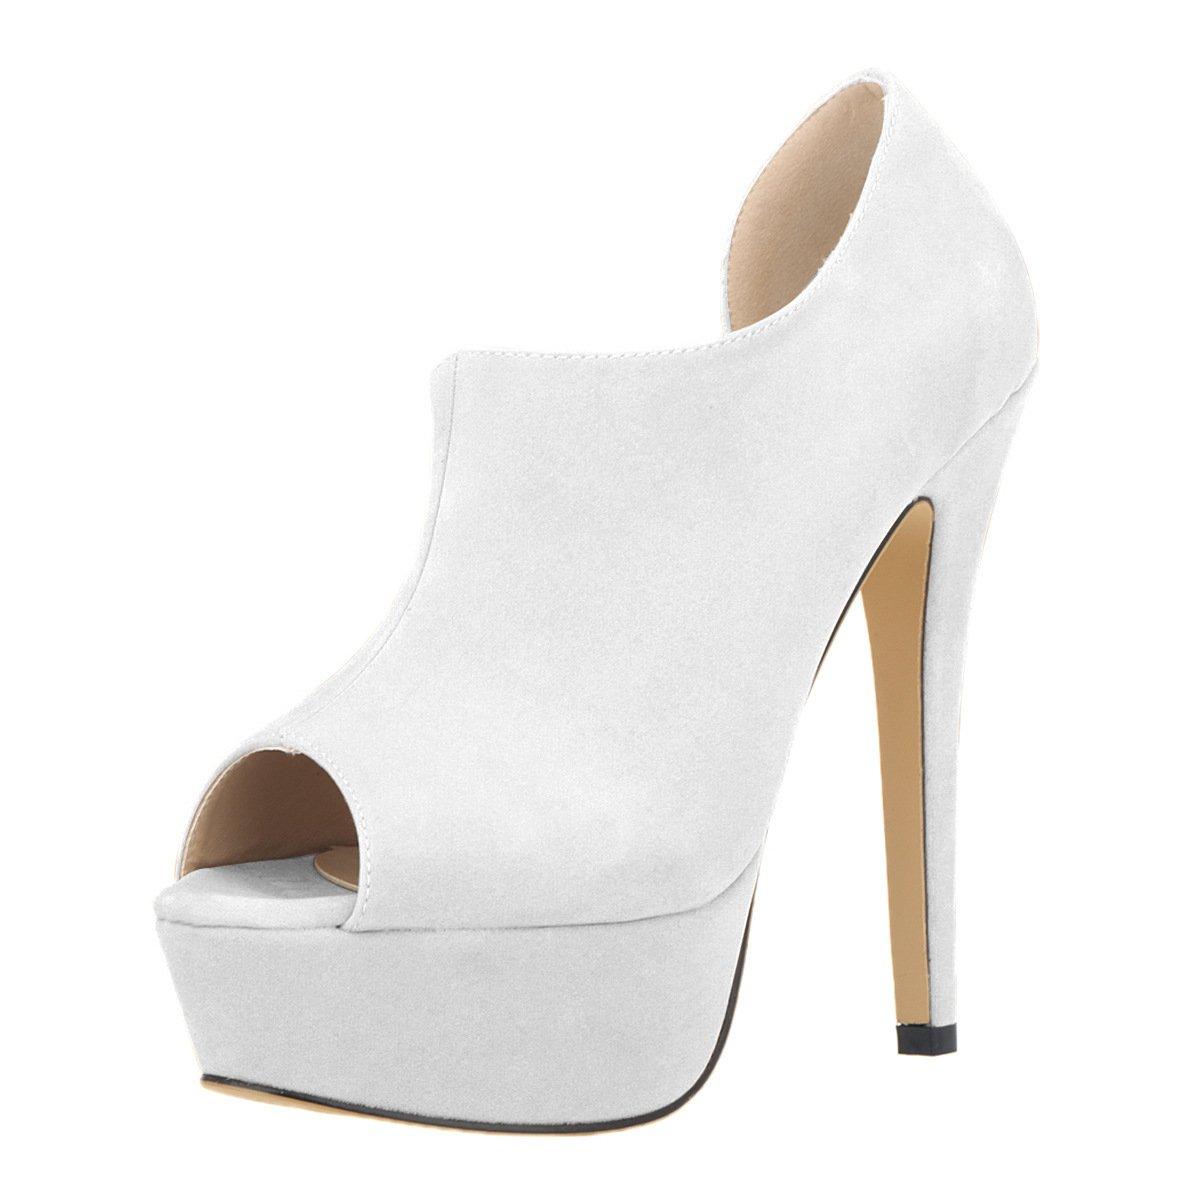 DYF Schuhe kurze Stiefel Stiefel Stiefel Farbe Größe Fisch Mund High Heel Wasserdicht Weiß Fla 39 725d48